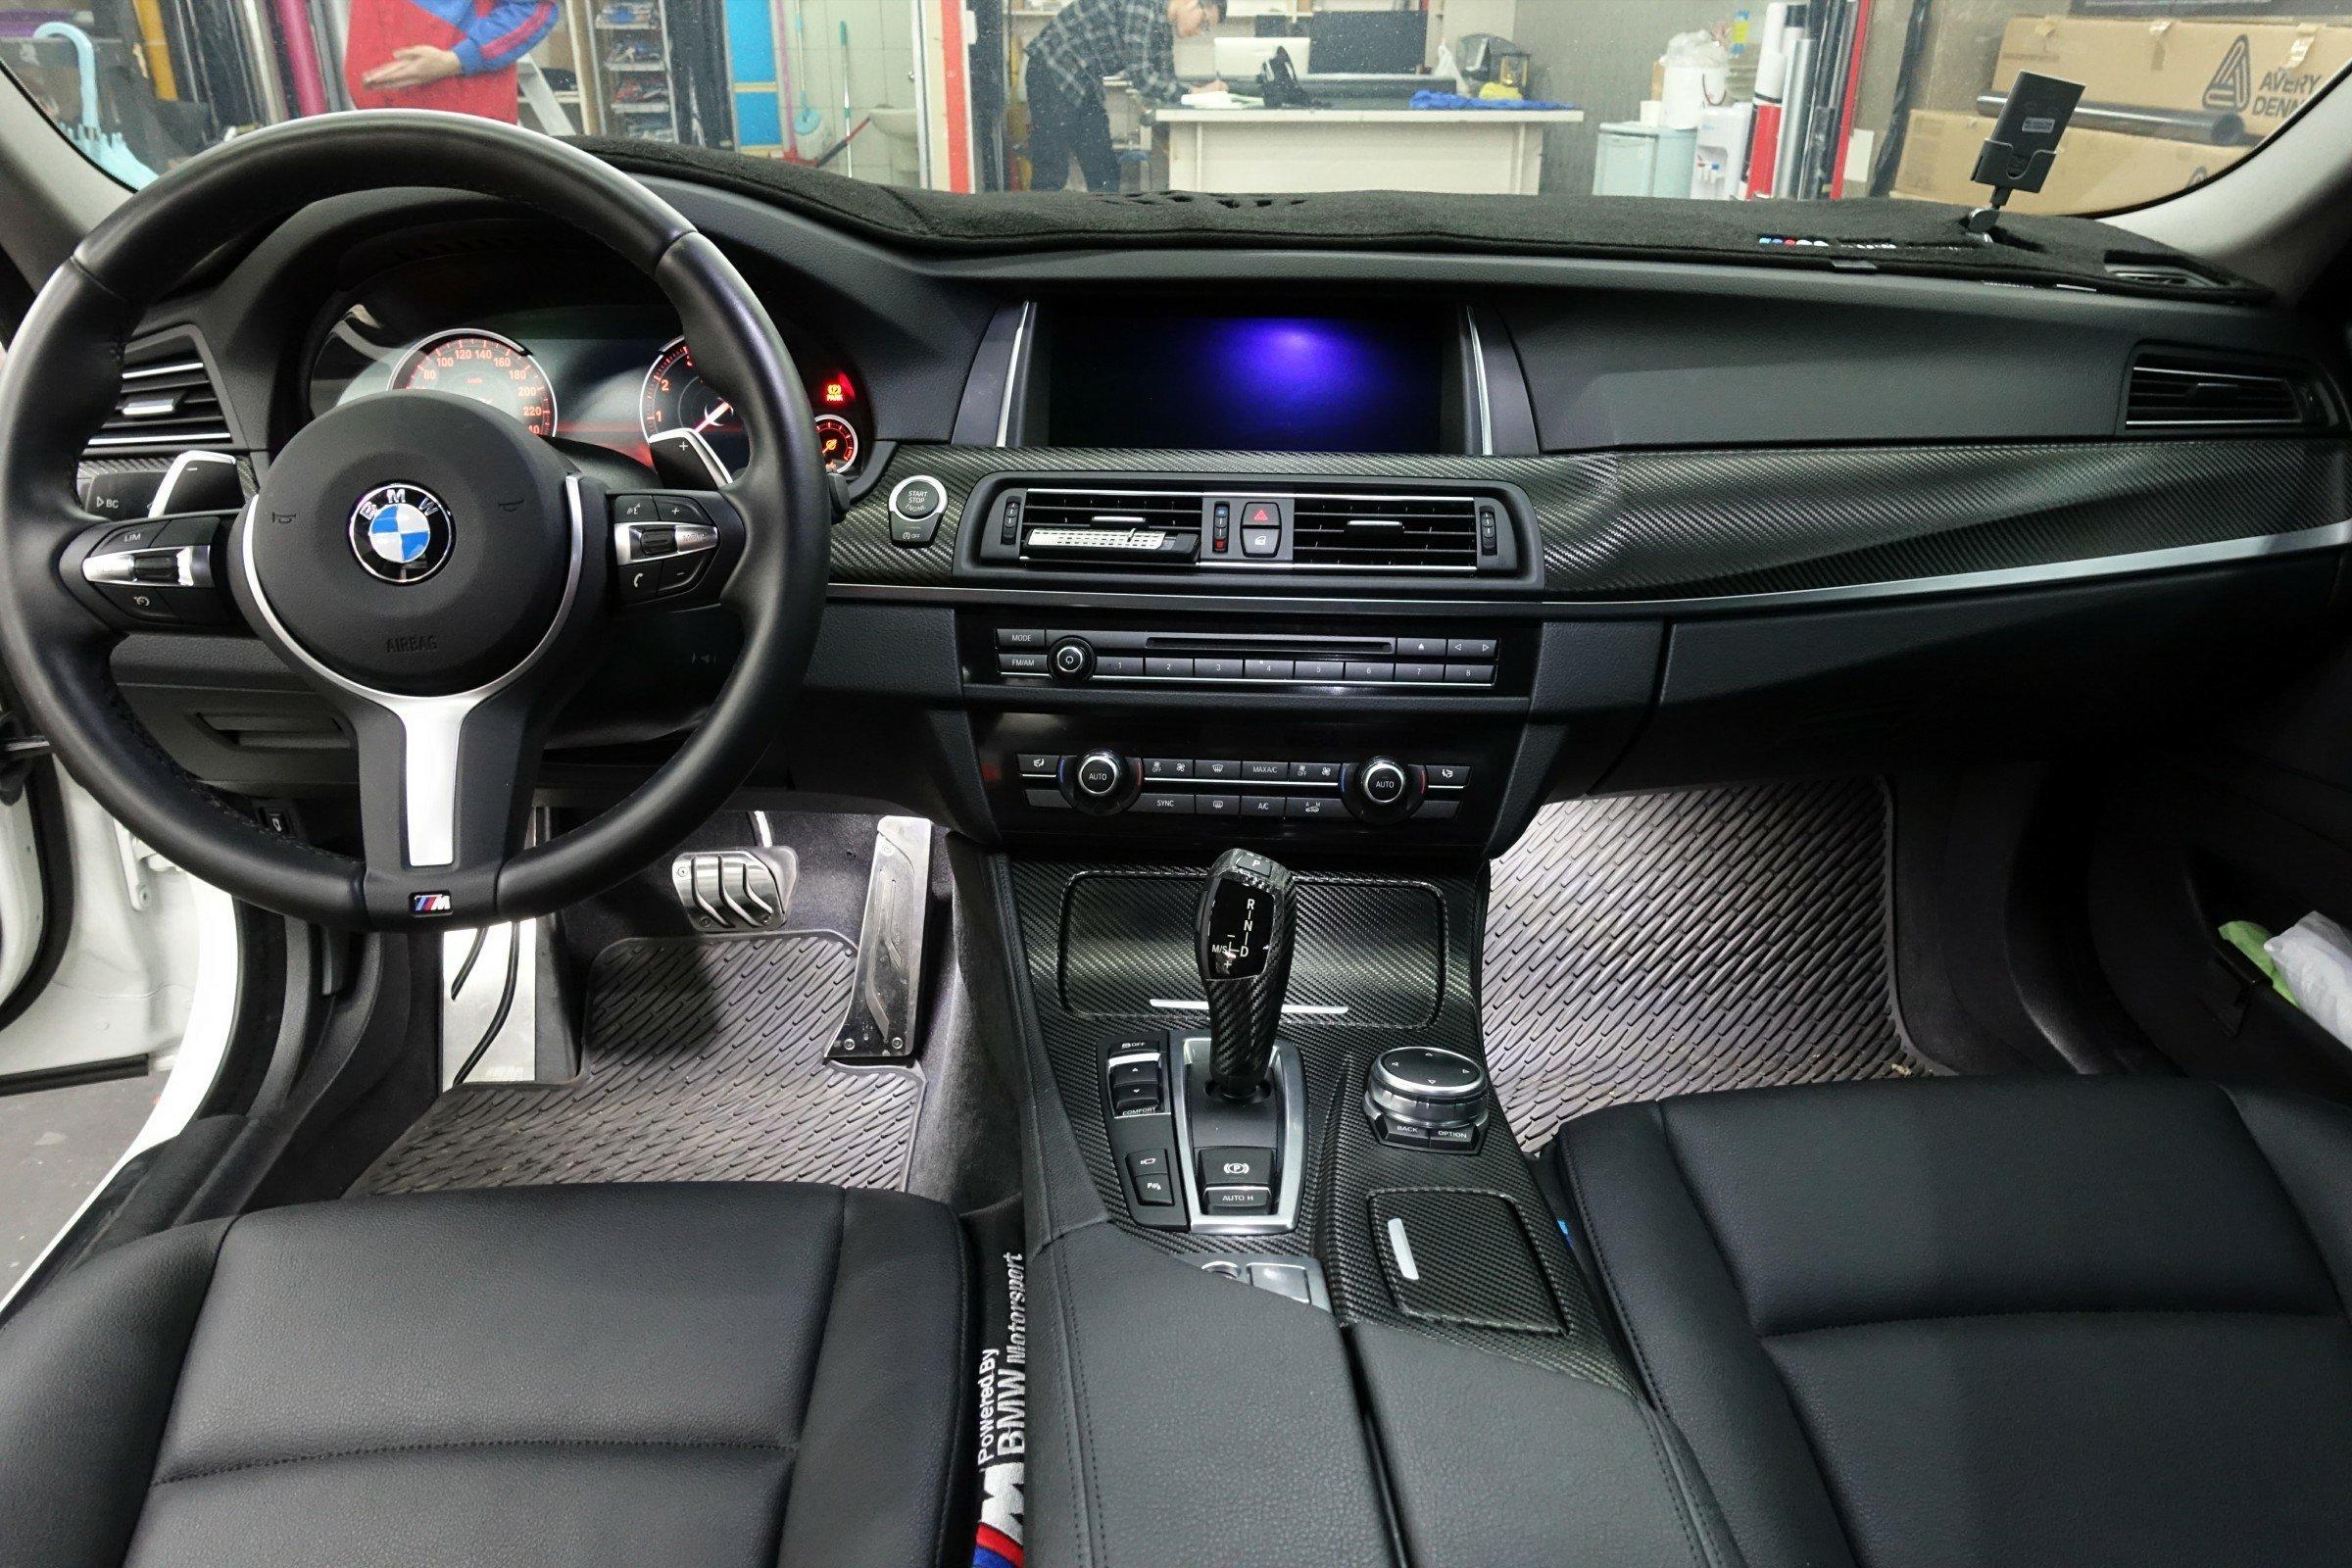 BMW 5系列 F10 內飾板貼膜 內裝貼膜 卡夢內裝 3M卡夢 內飾板包膜 內裝包膜 窗框貼膜 E60 G30 M5